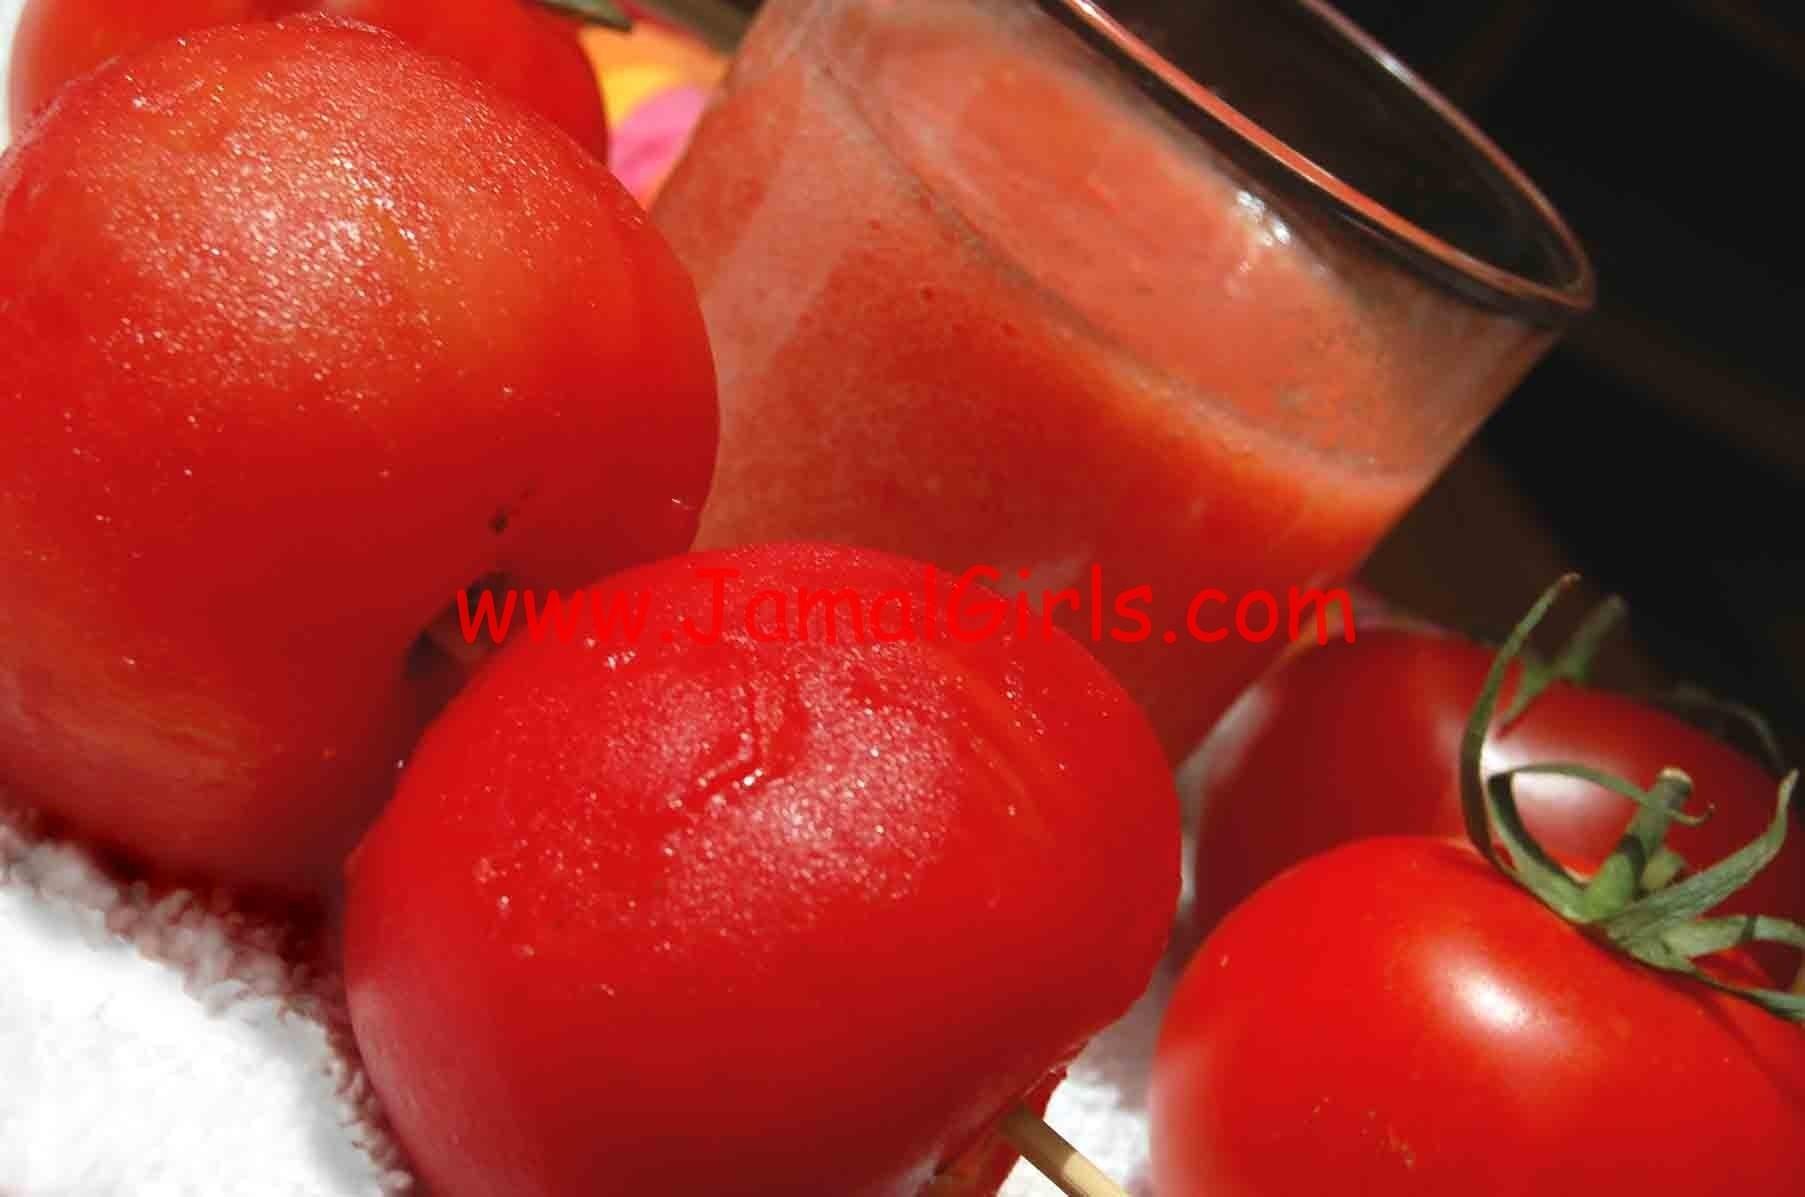 ماسكات البندورة او الطماطم لتقليص المسامات